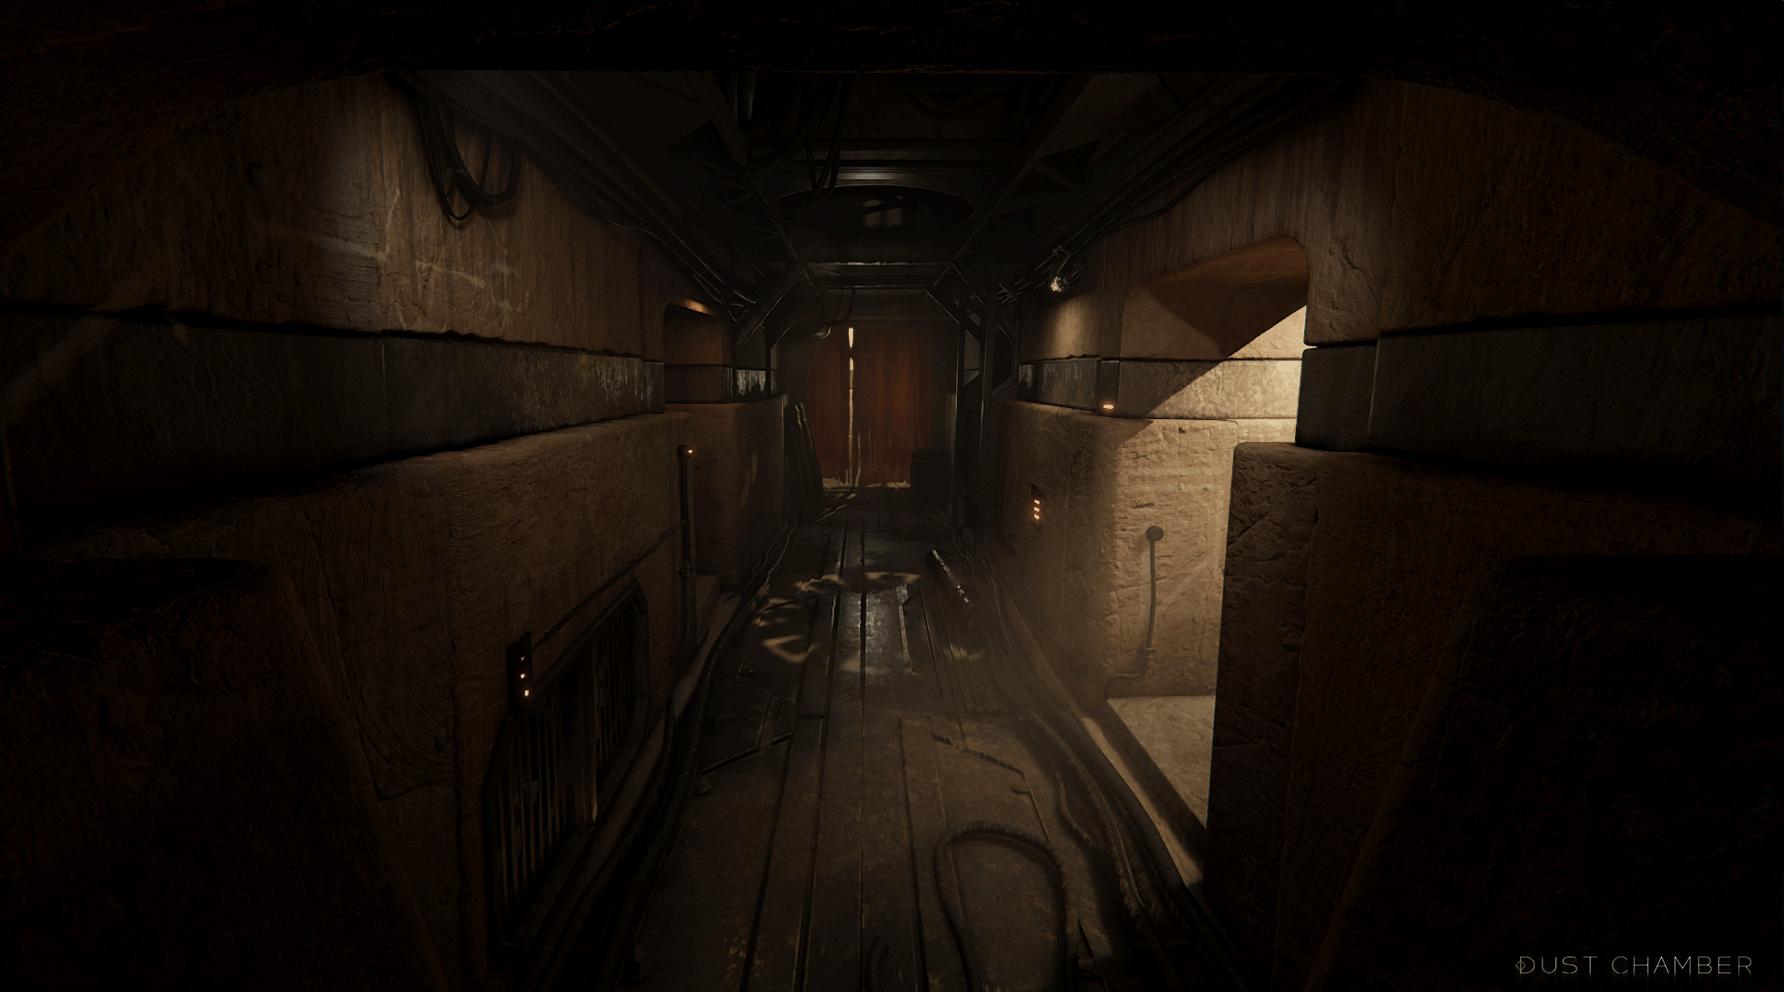 Dust_chamber_screenshots_final_01 | Dust Chamber : Бесконечная Структура, пыль, спуск в бездну